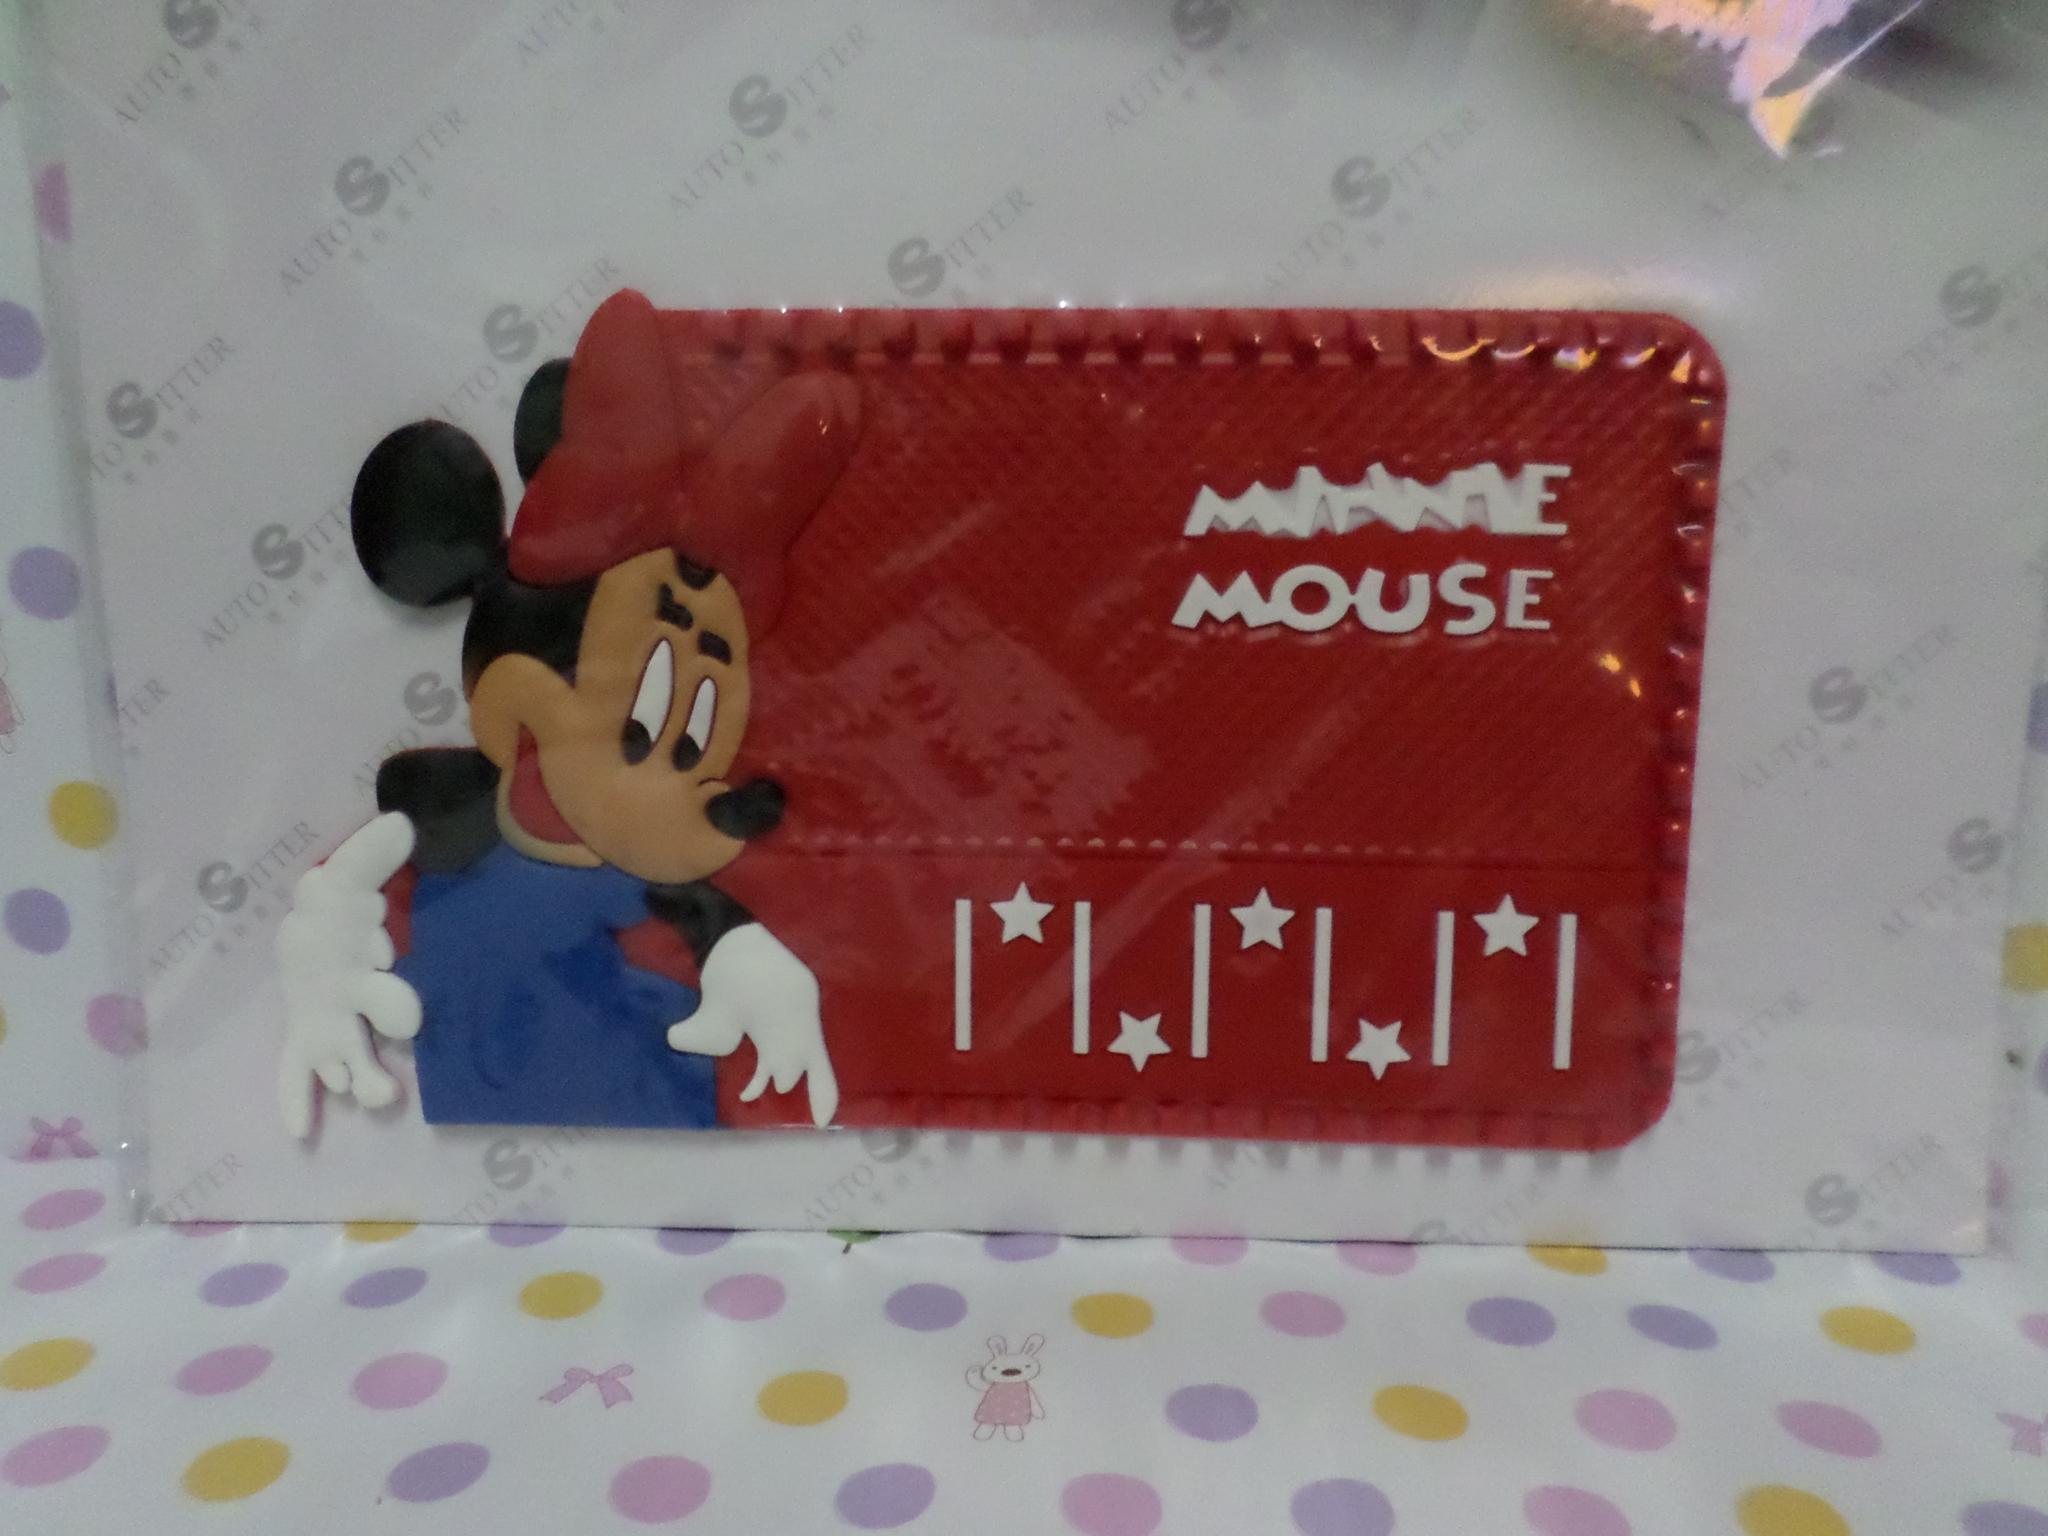 แผ่นยางกันลื่นวางหน้ารถ มินนี่เม้าส์ minnie mouse ขนาด 21 * 12 ซม. ลายมินนี่เม้าส์ สีแดง